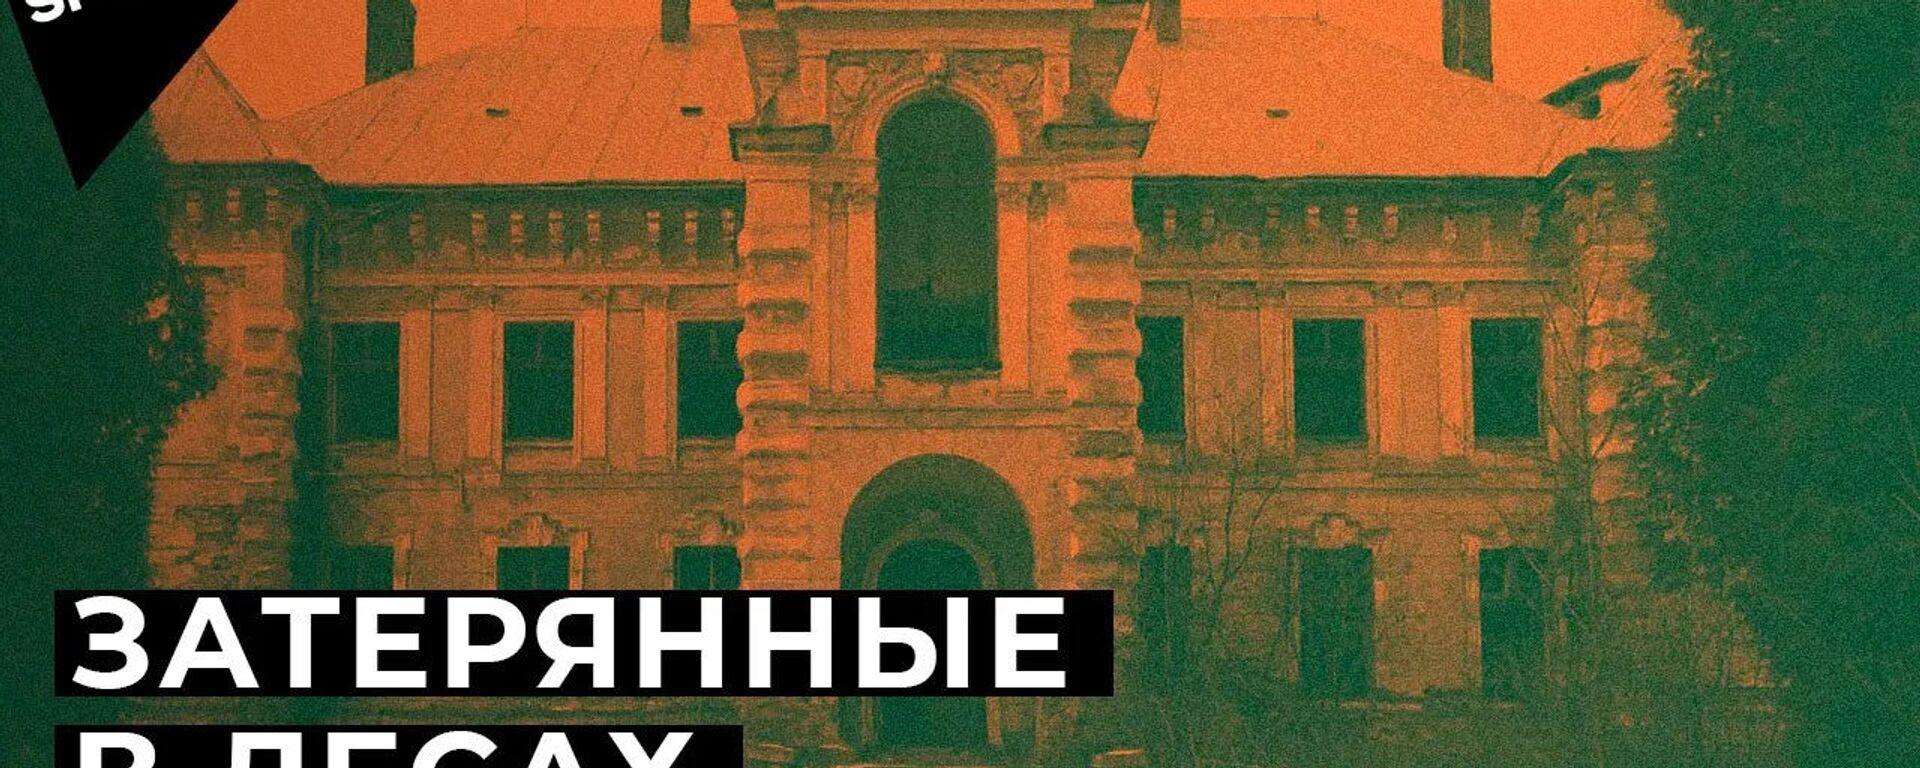 Как на Украине разрушаются старинные дворцы и усадьбы - Sputnik Ўзбекистон, 1920, 23.02.2021